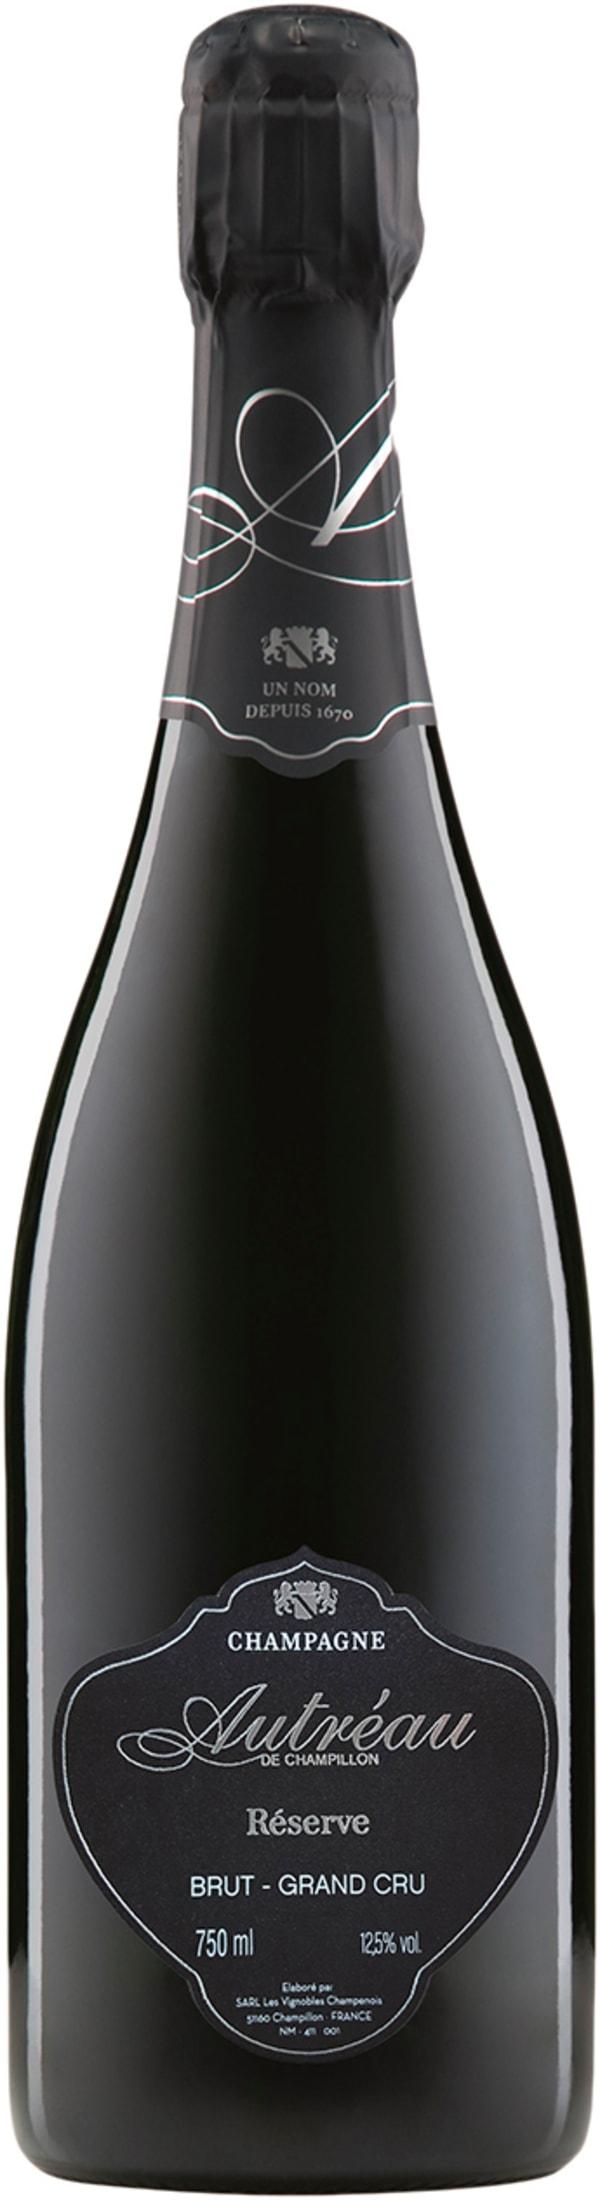 Champagne Autréau de Champillon Cuvée Brut Réserve Grand Cru